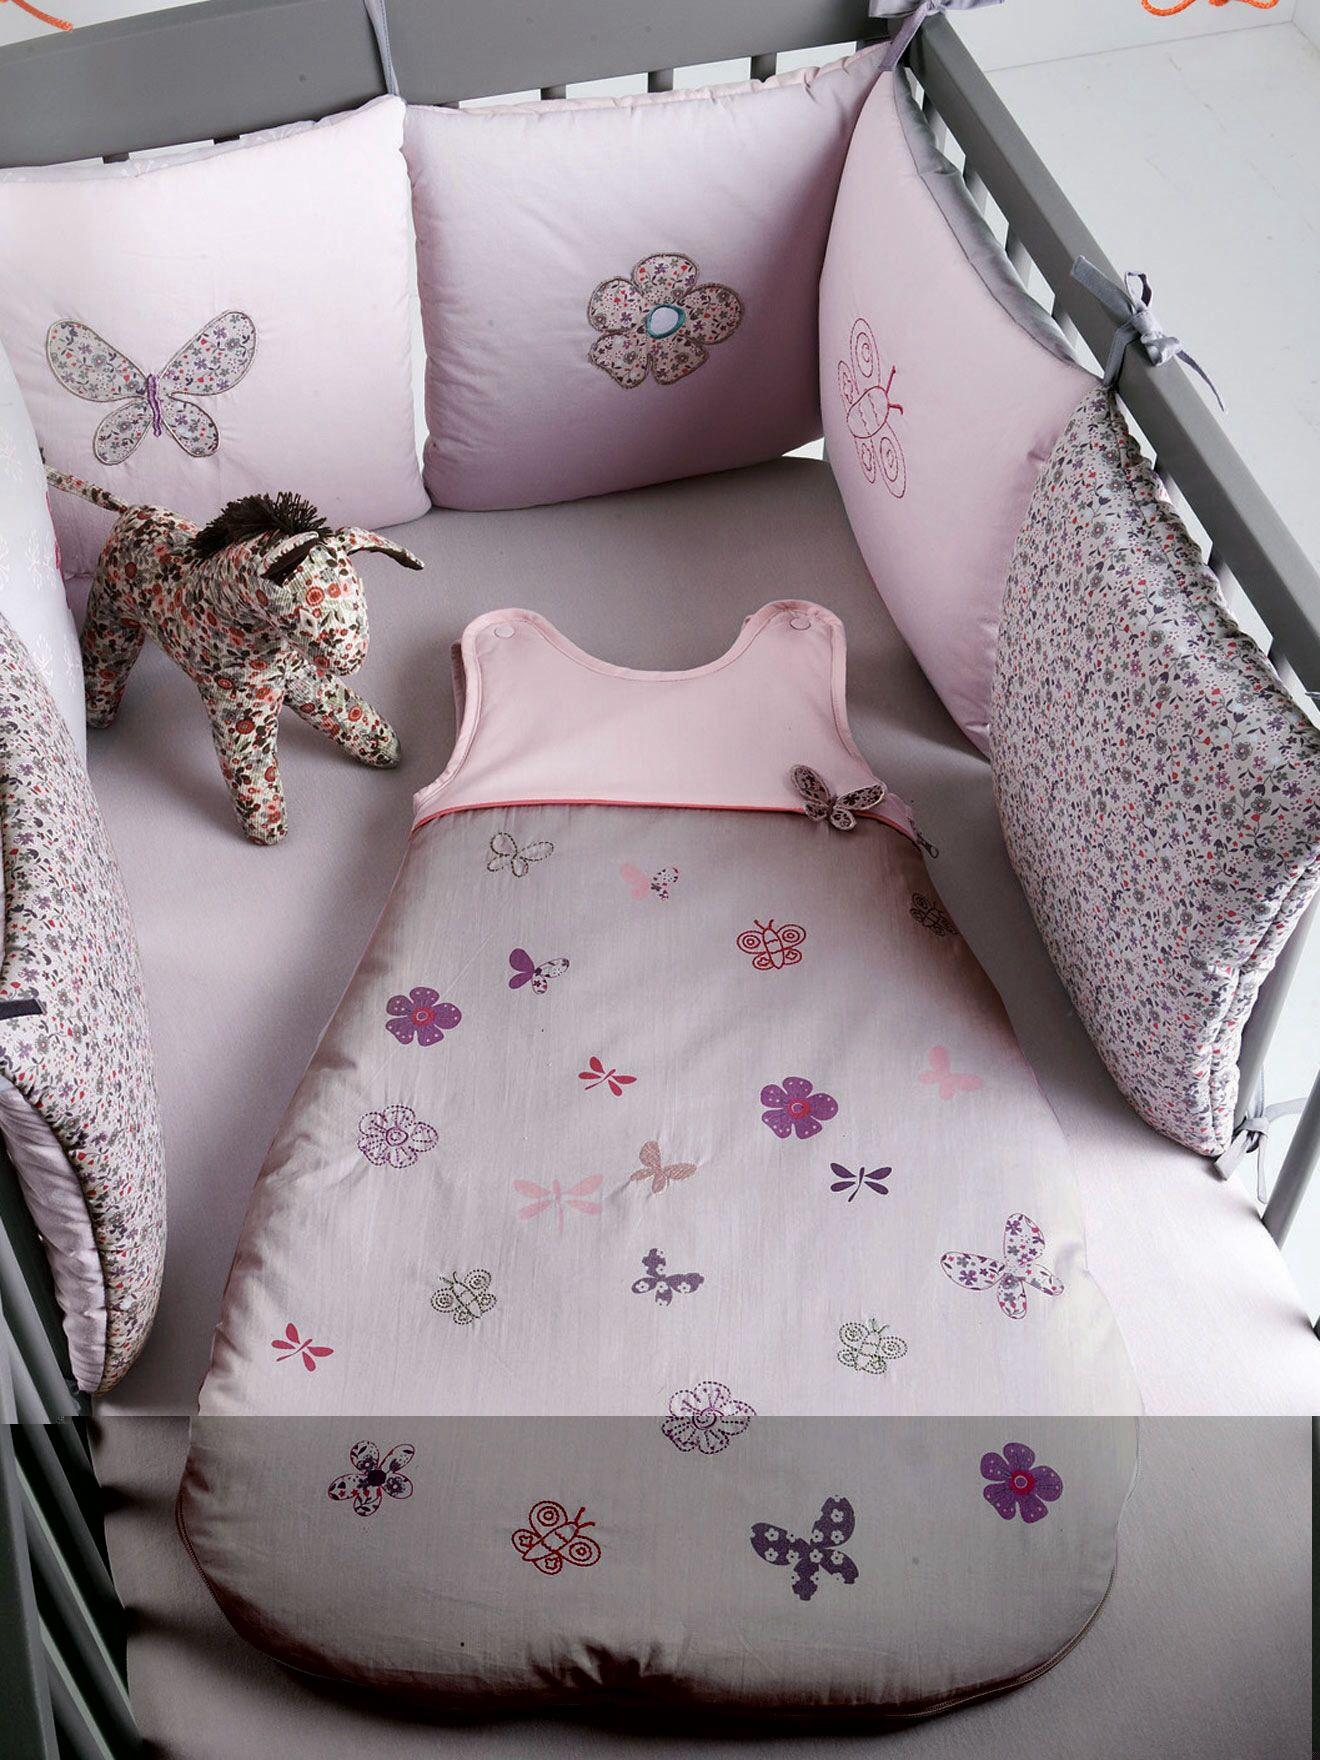 Tour de lit | Lit bebe fille, Lit bebe et Tour de lit bébé